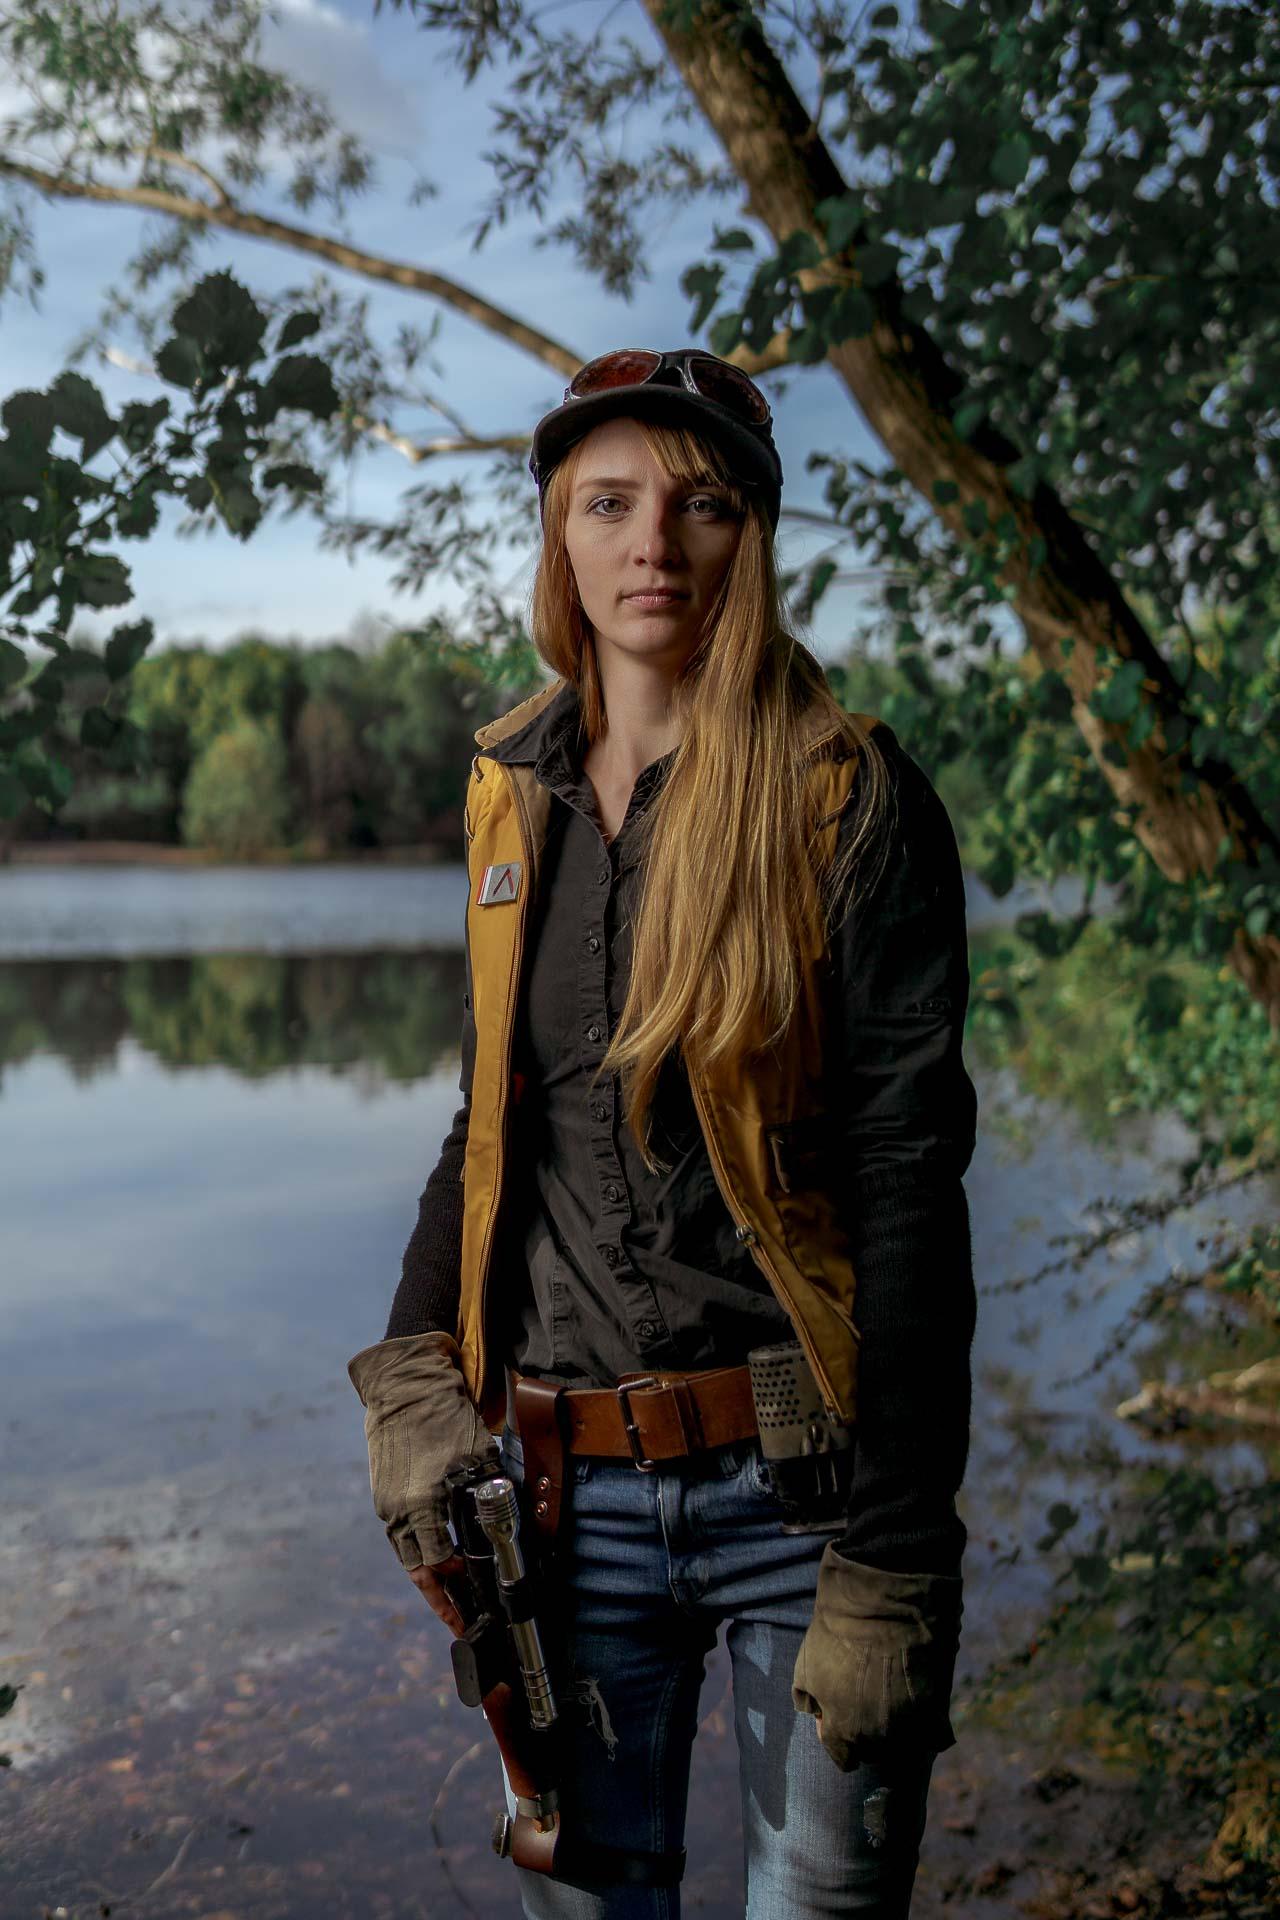 Marischka vor dem See stehend